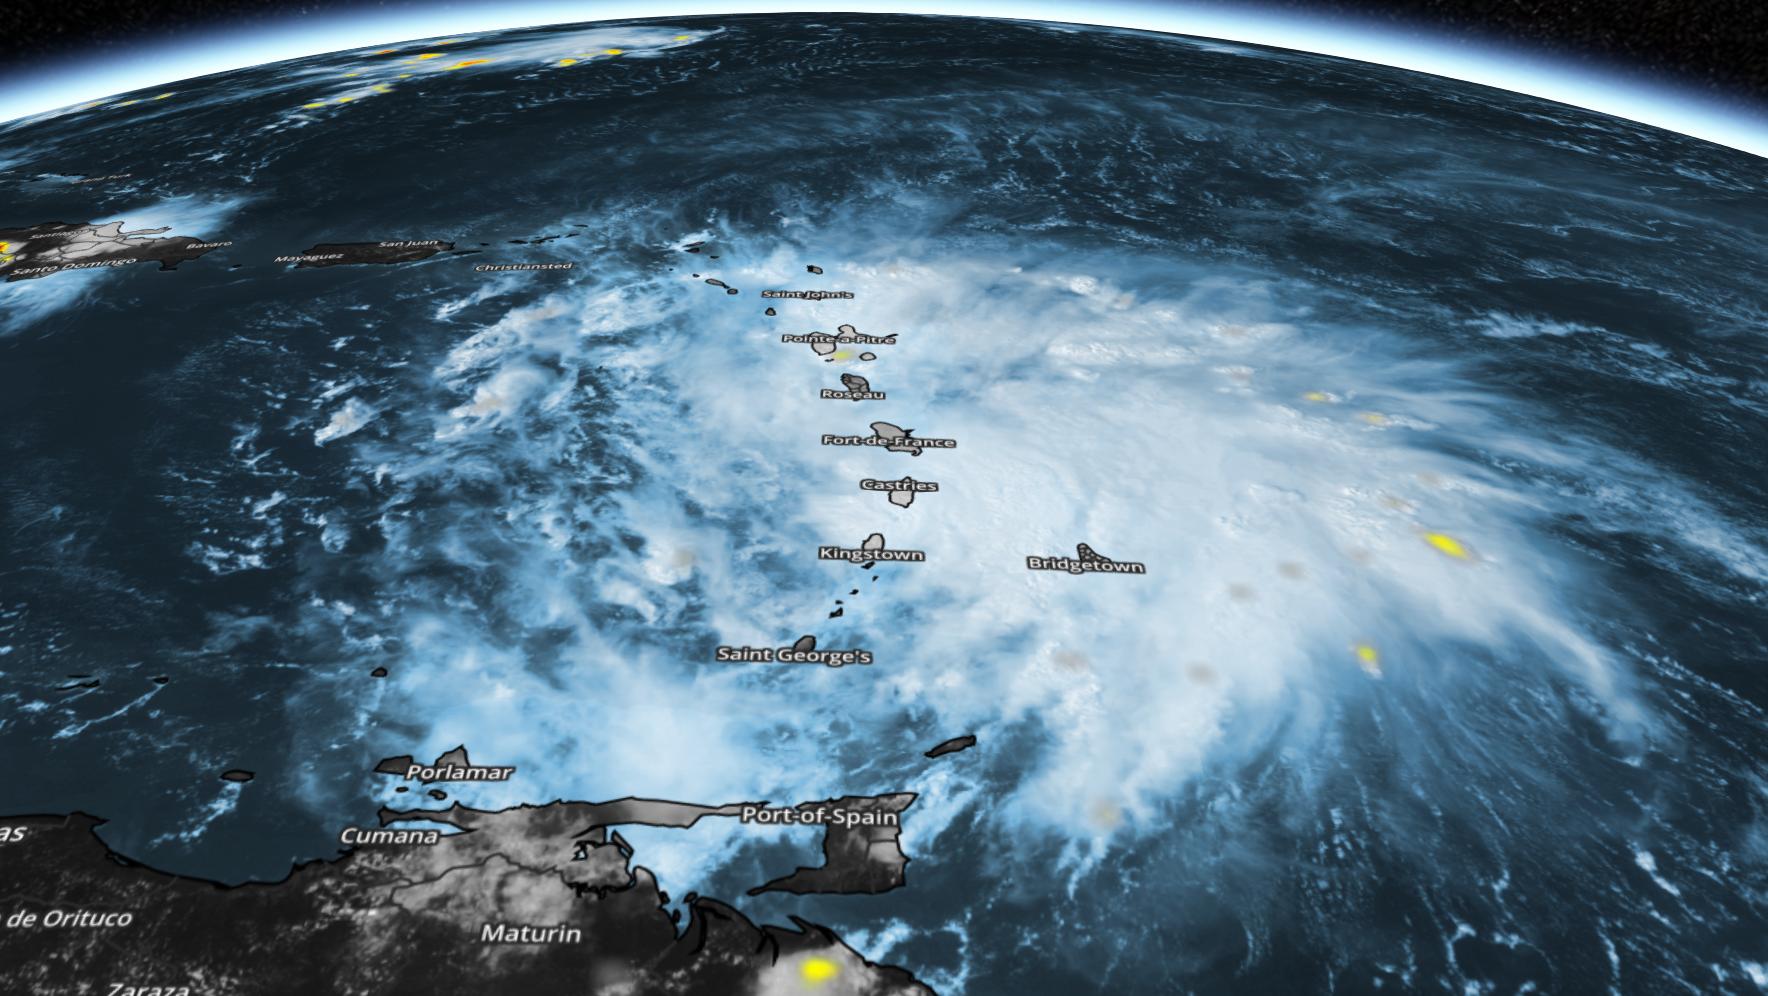 3d Zoom of Tropical Storm Matthew